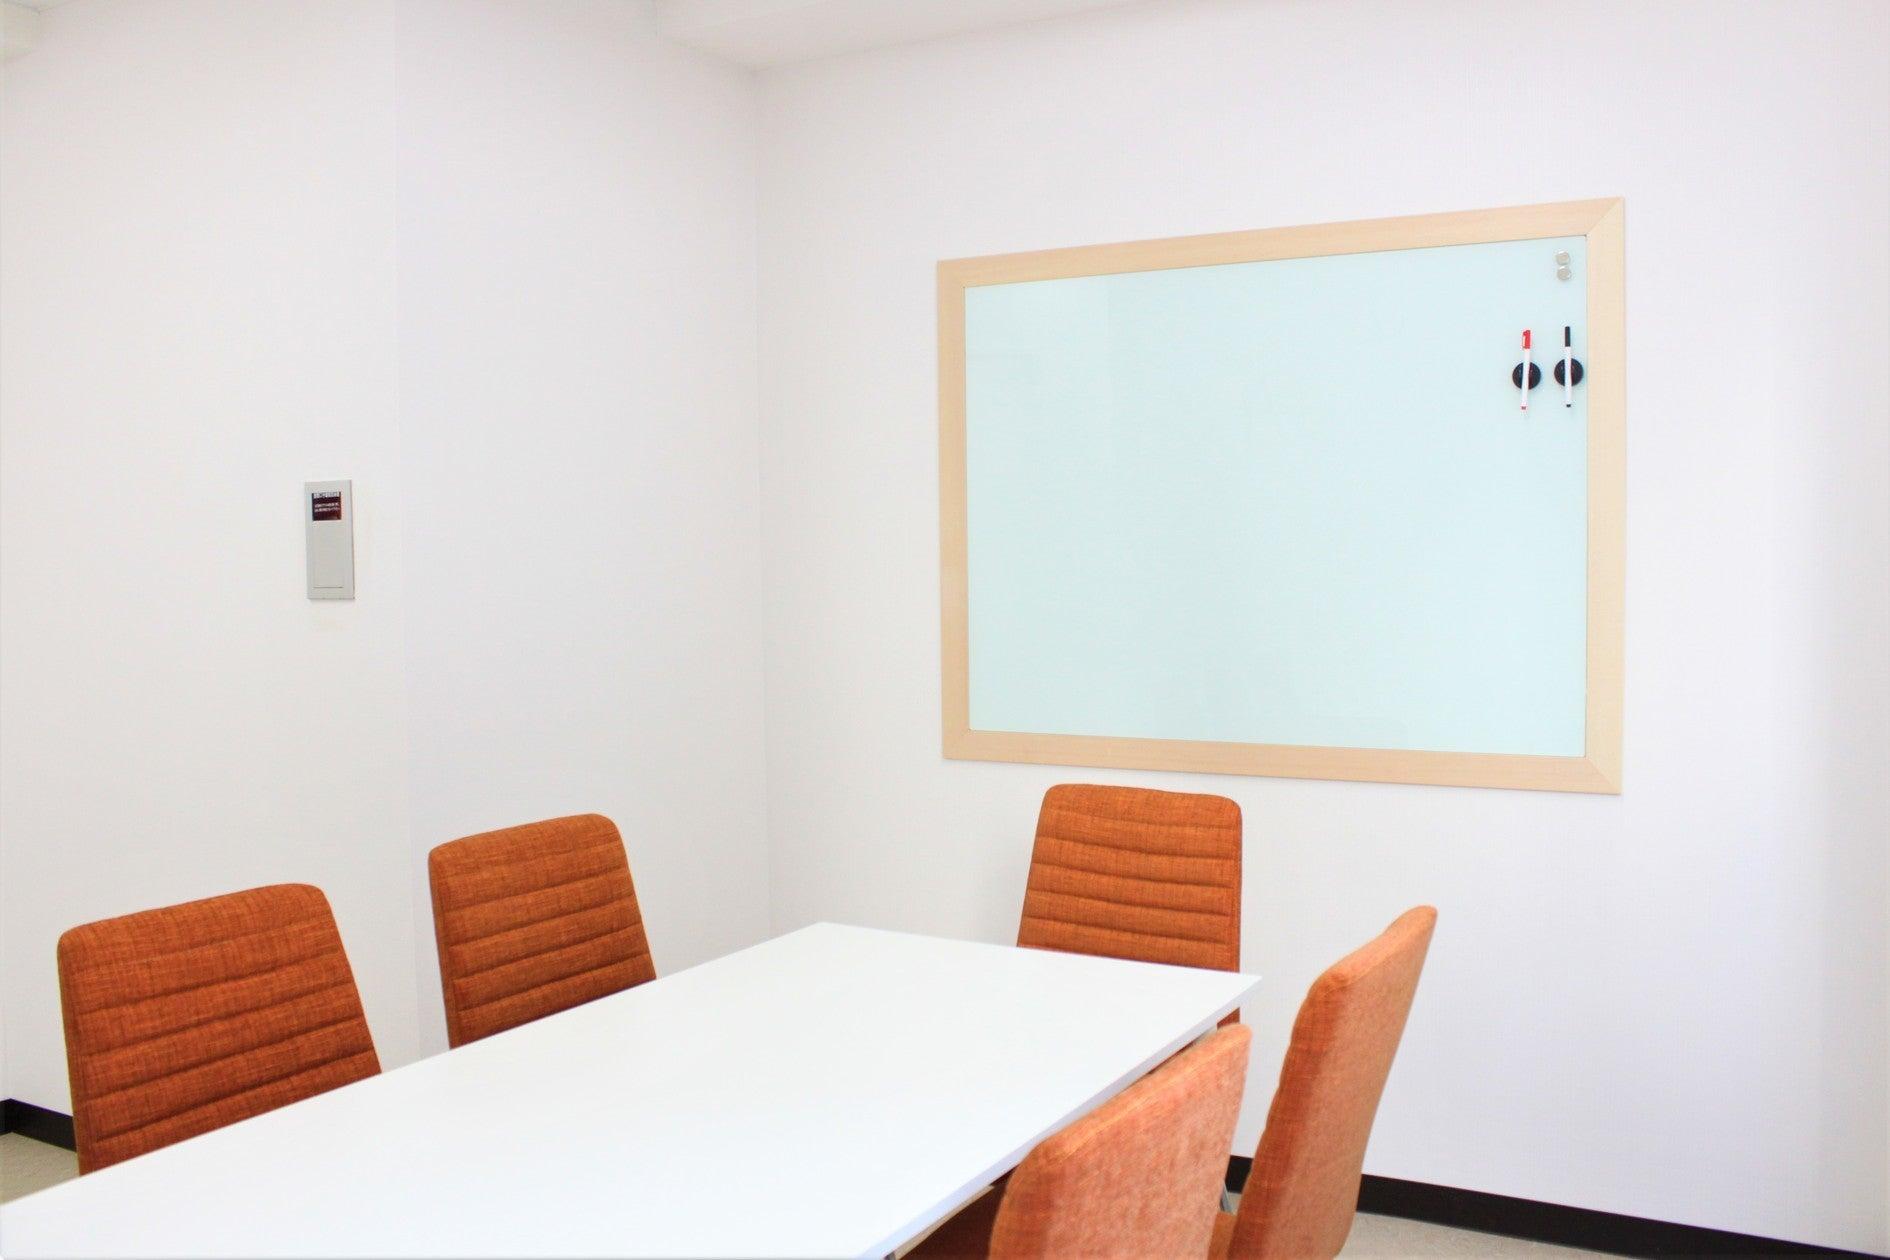 30%割引!池袋駅★ガラス張り個室,換気良い,清潔,飲食物可能,会議,セミナー,授業<ベストフレンドレンタルスペース>ともだち3 の写真